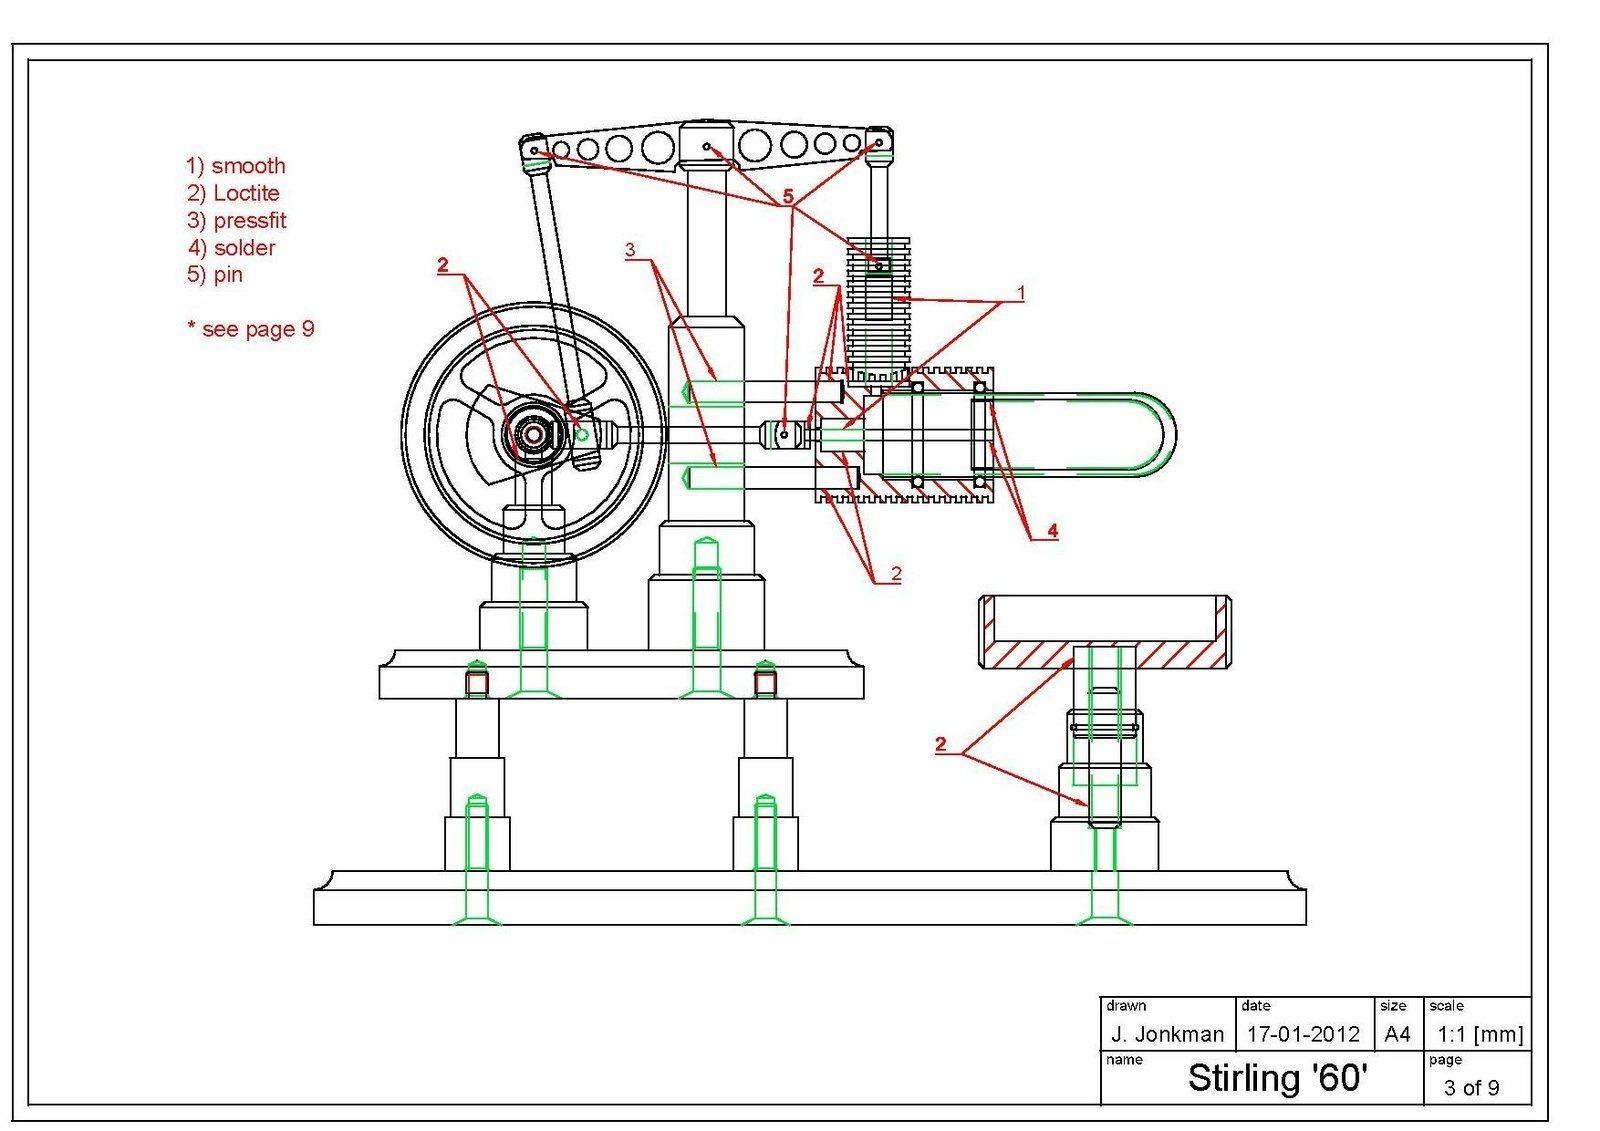 Stirling_60.jpg